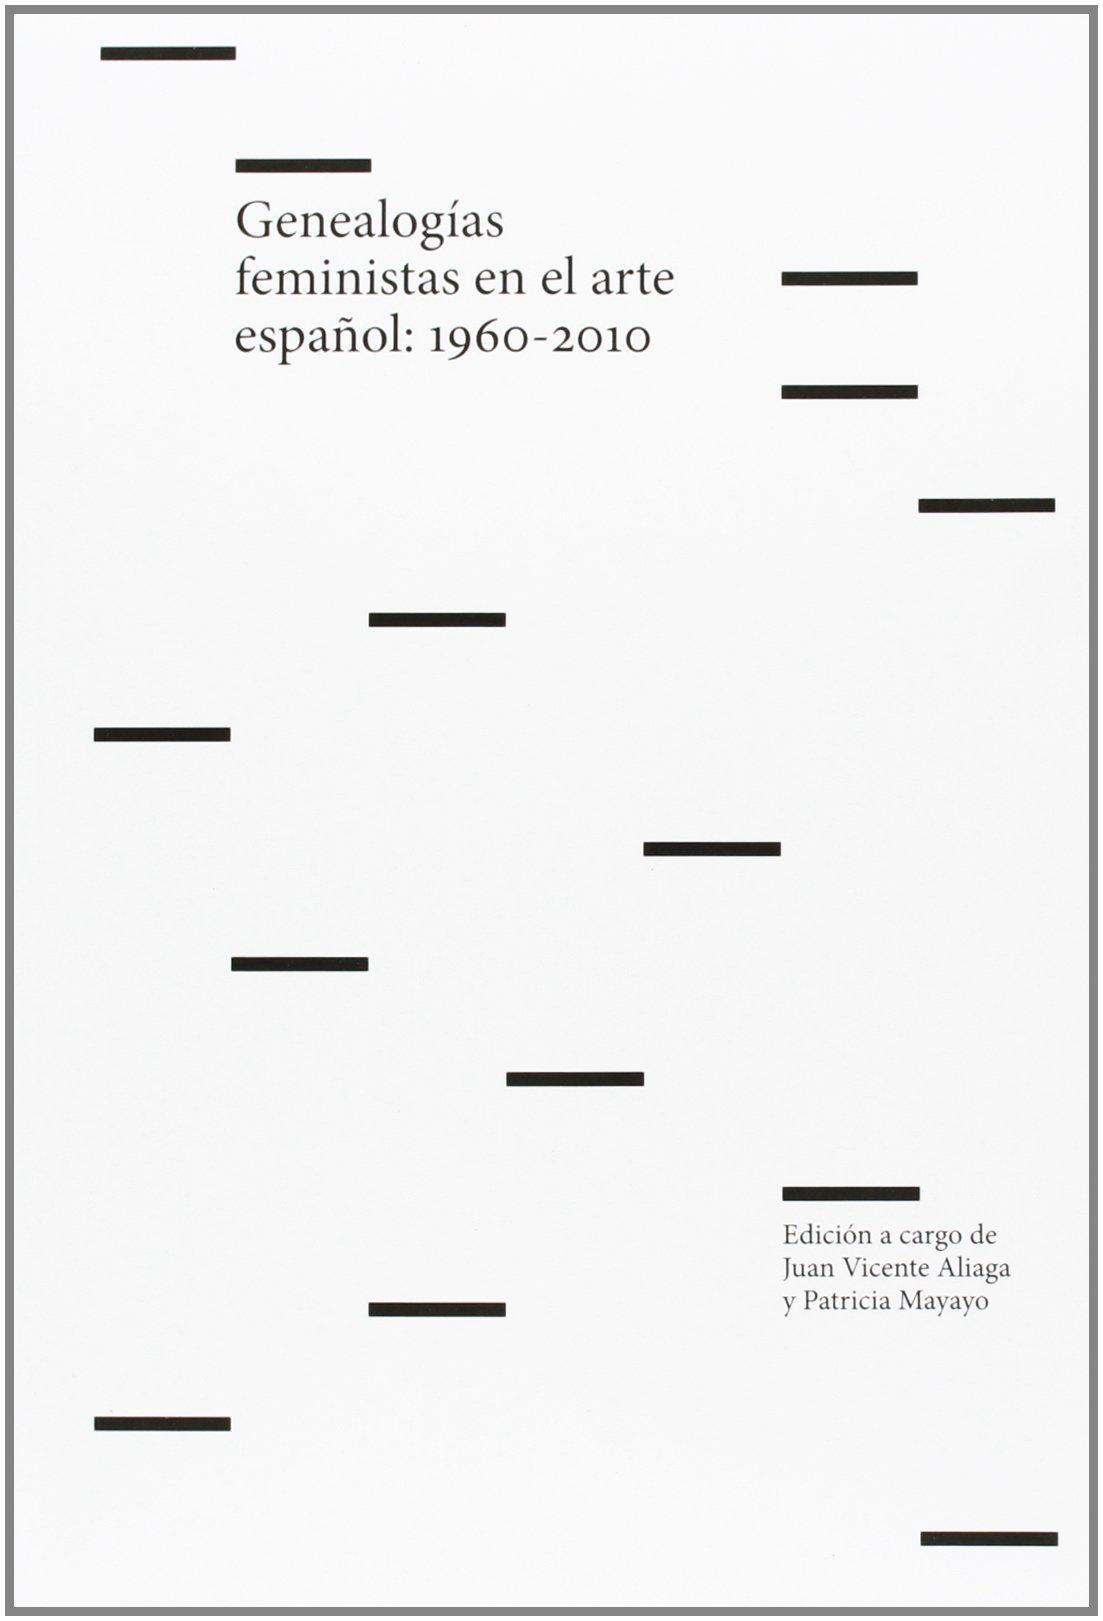 Genealogías Feministas En El Arte Español. 1960-2010: Amazon.es: Aliaga Juan Vicente: Libros